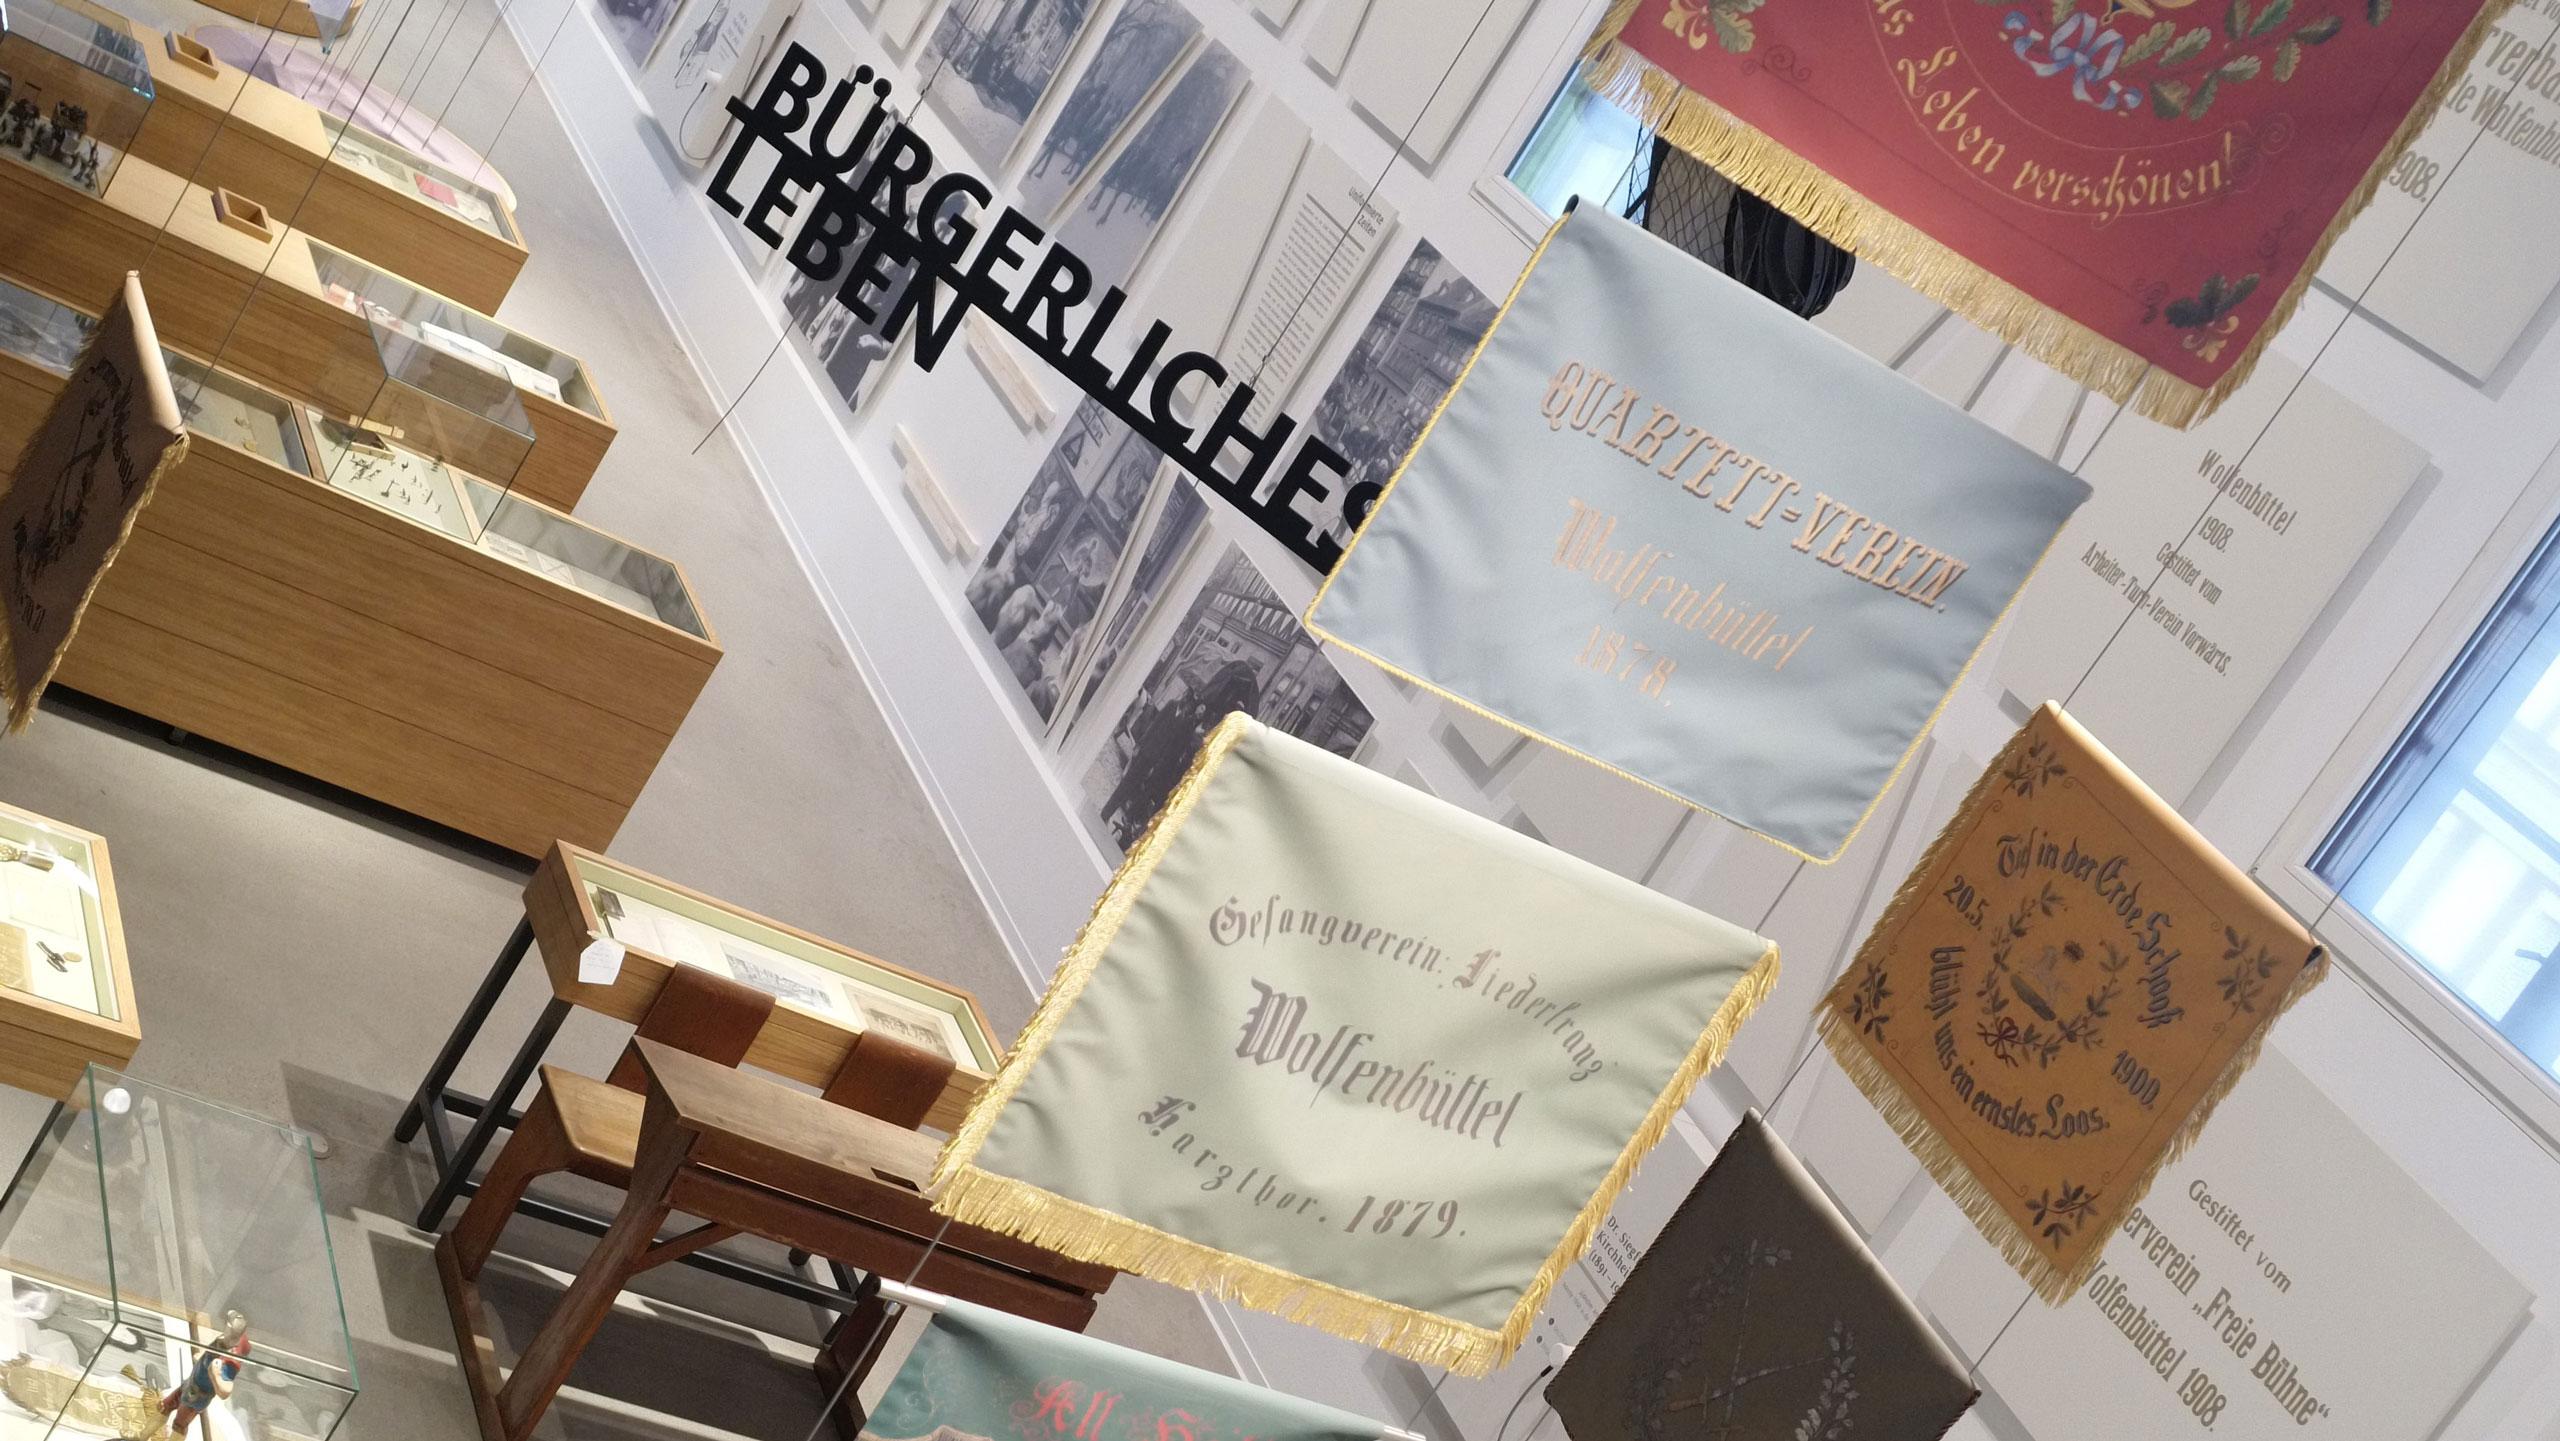 Bürgerliches Leben in Wolfenbüttel